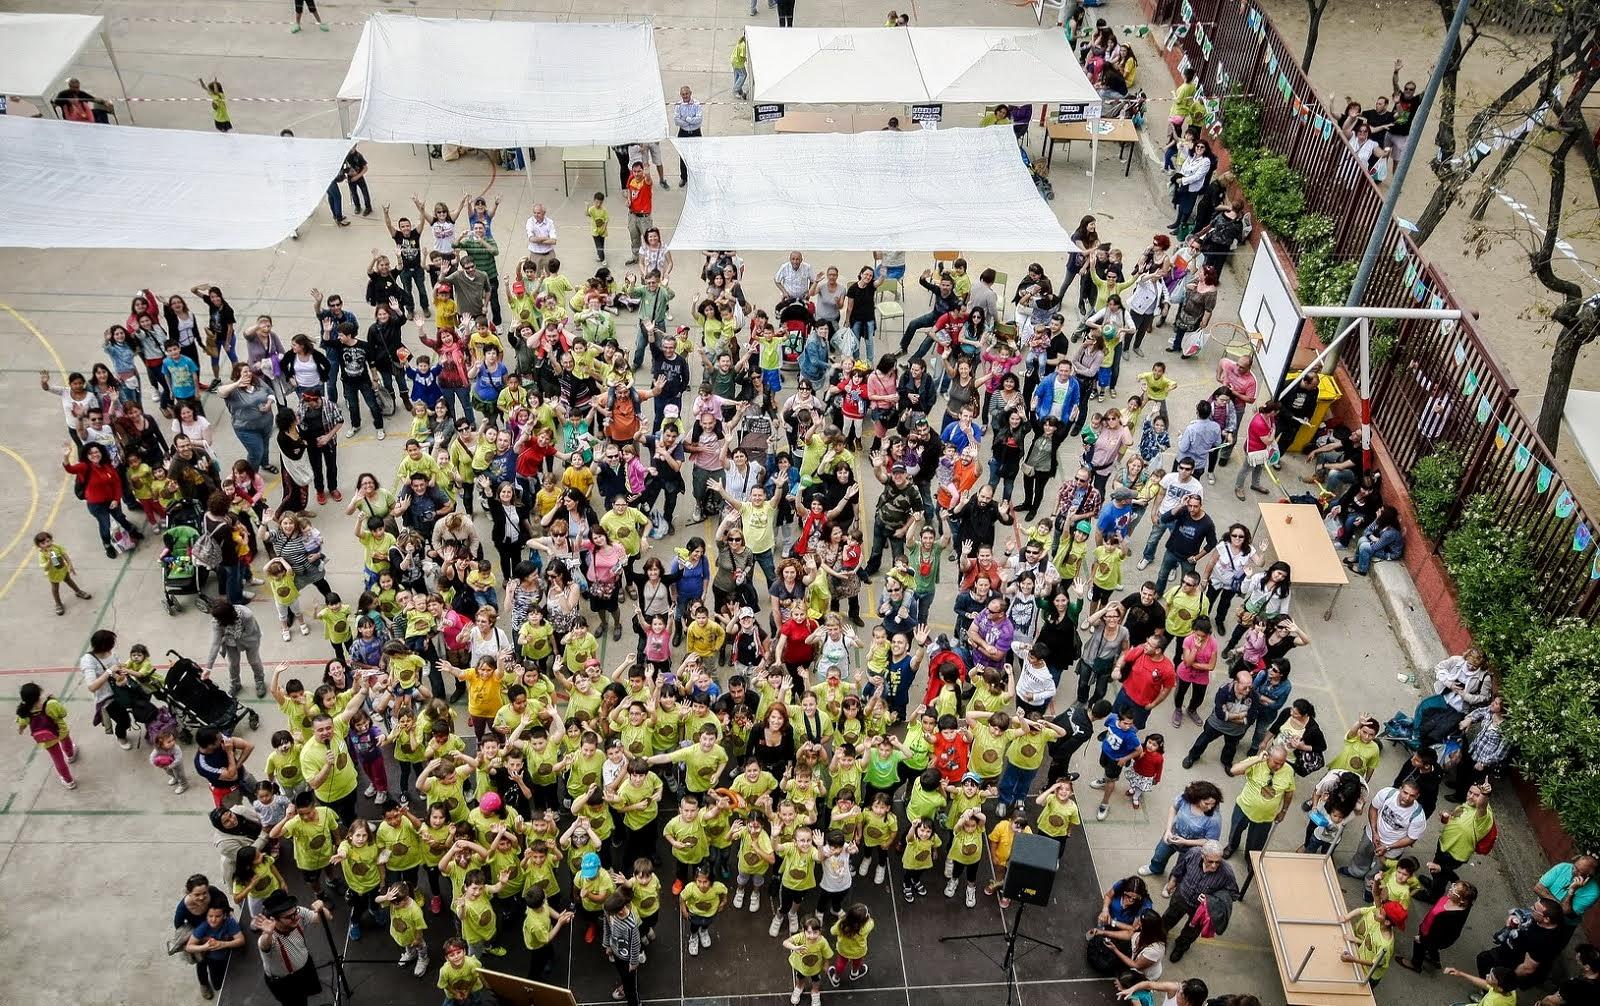 Foto realitzada des del terrat per David Amela a la Festa de la Primavera de 2013